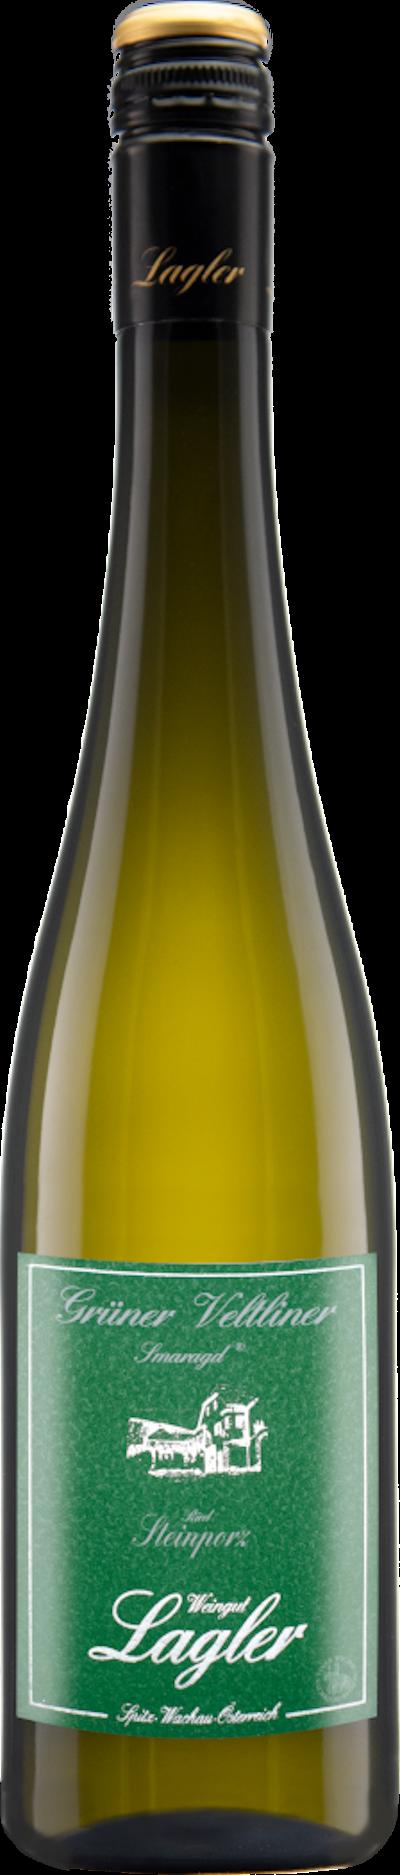 Lagler - Grüner Veltliner Smaragd Steinporz Halbflasche